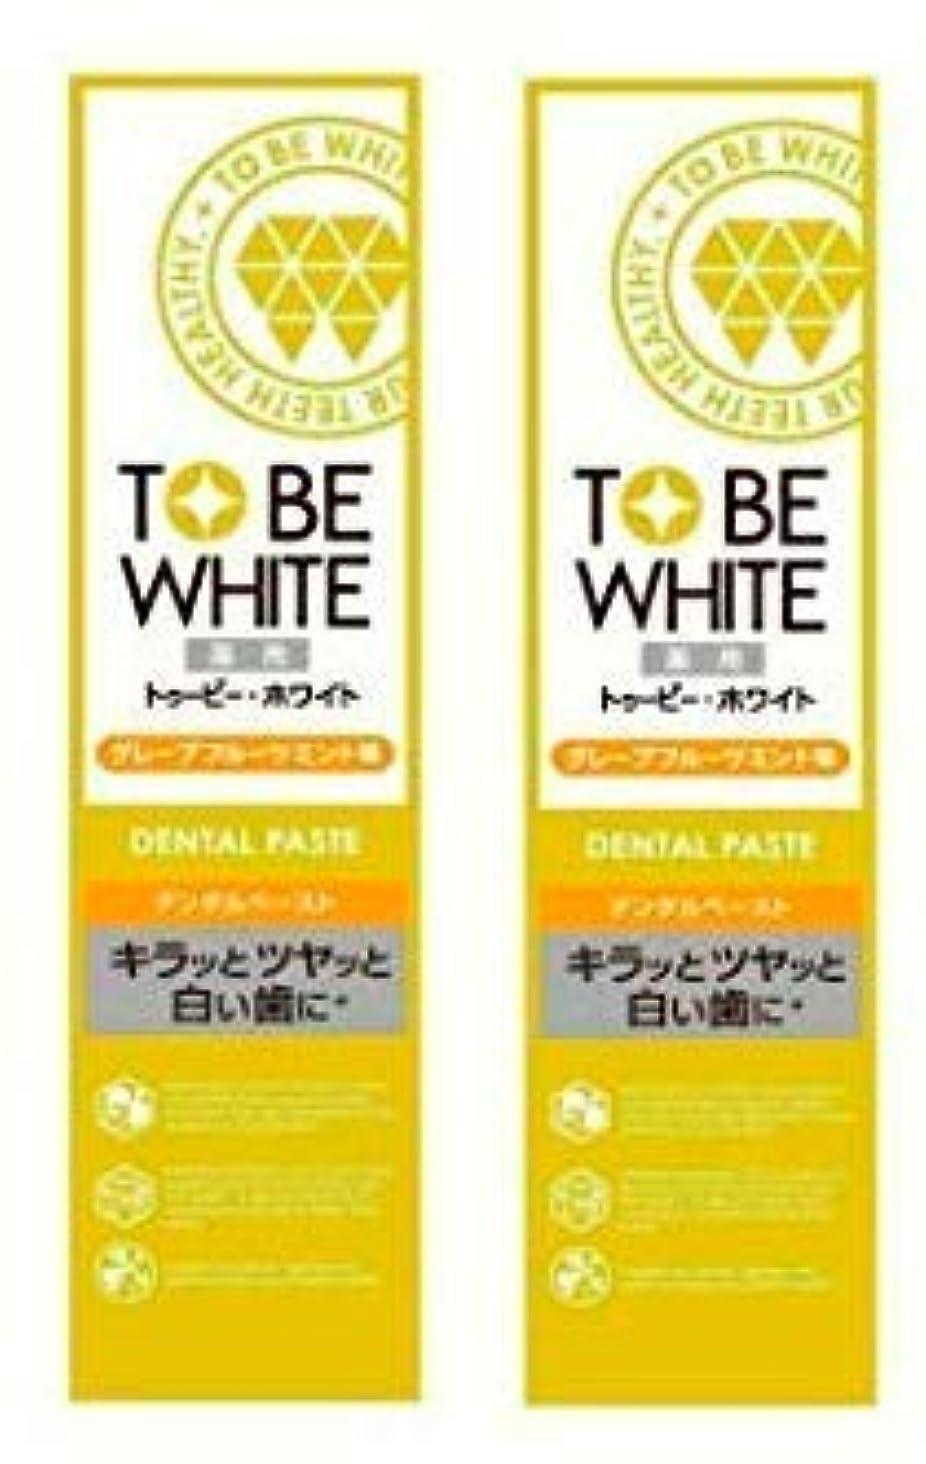 手内訳トラクター【お買い得】トゥービー?ホワイト 薬用 ホワイトニング ハミガキ粉 グレープフルーツミント 味 60g×2個セット